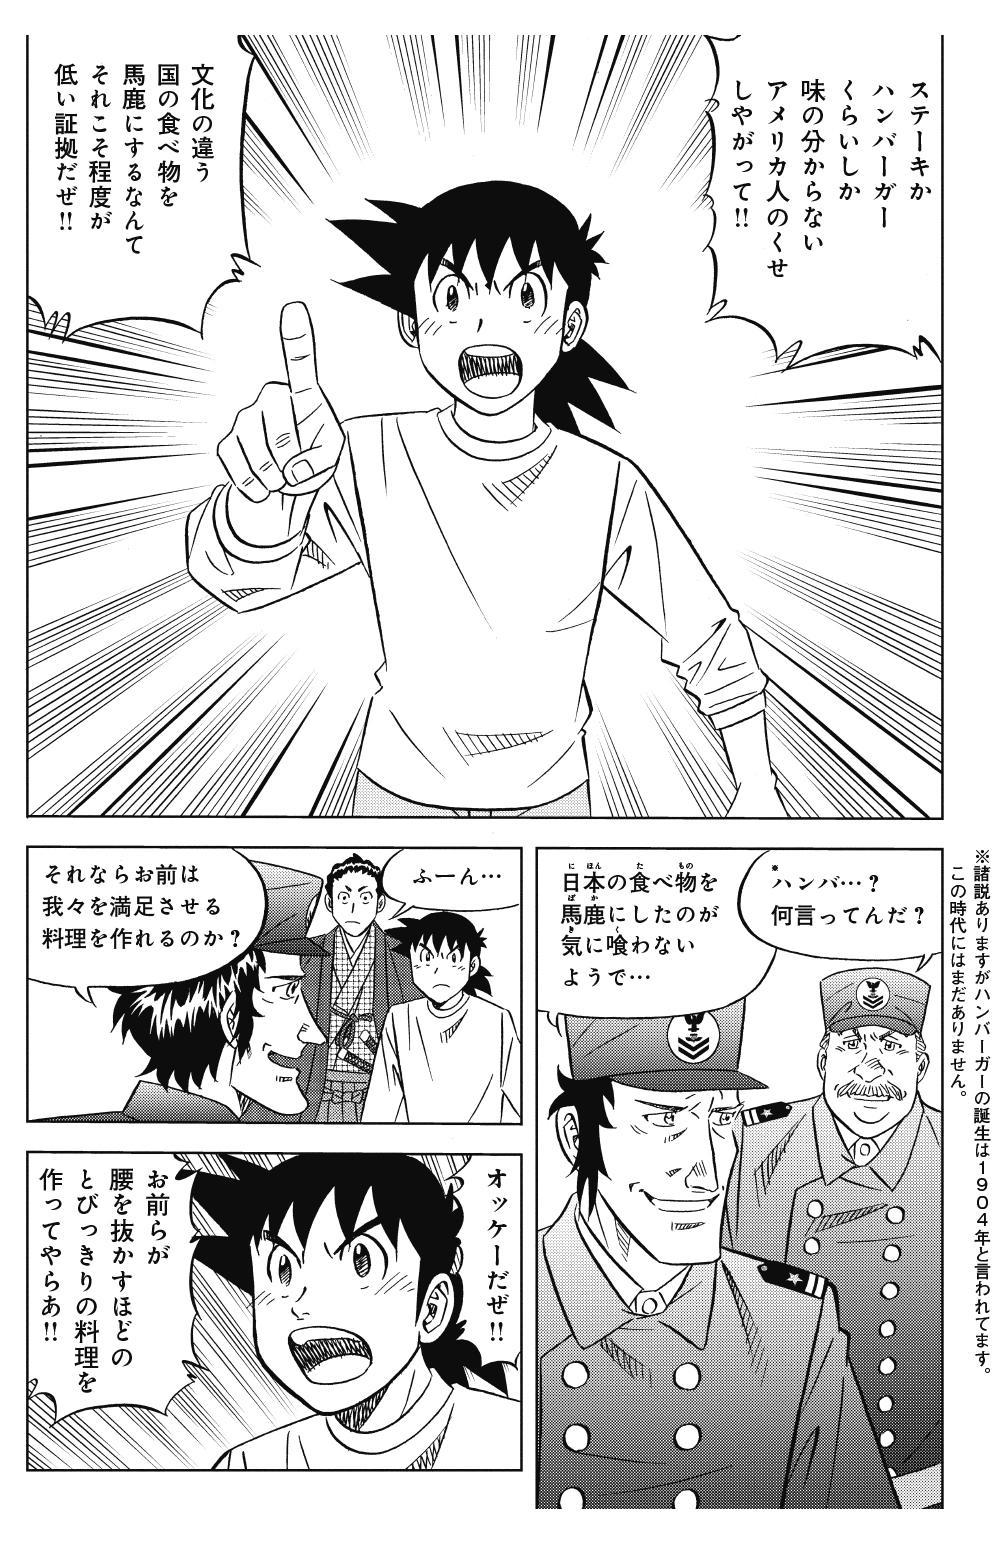 ミスター味っ子 幕末編 第1話「黒船来航」②ajikko17.jpg